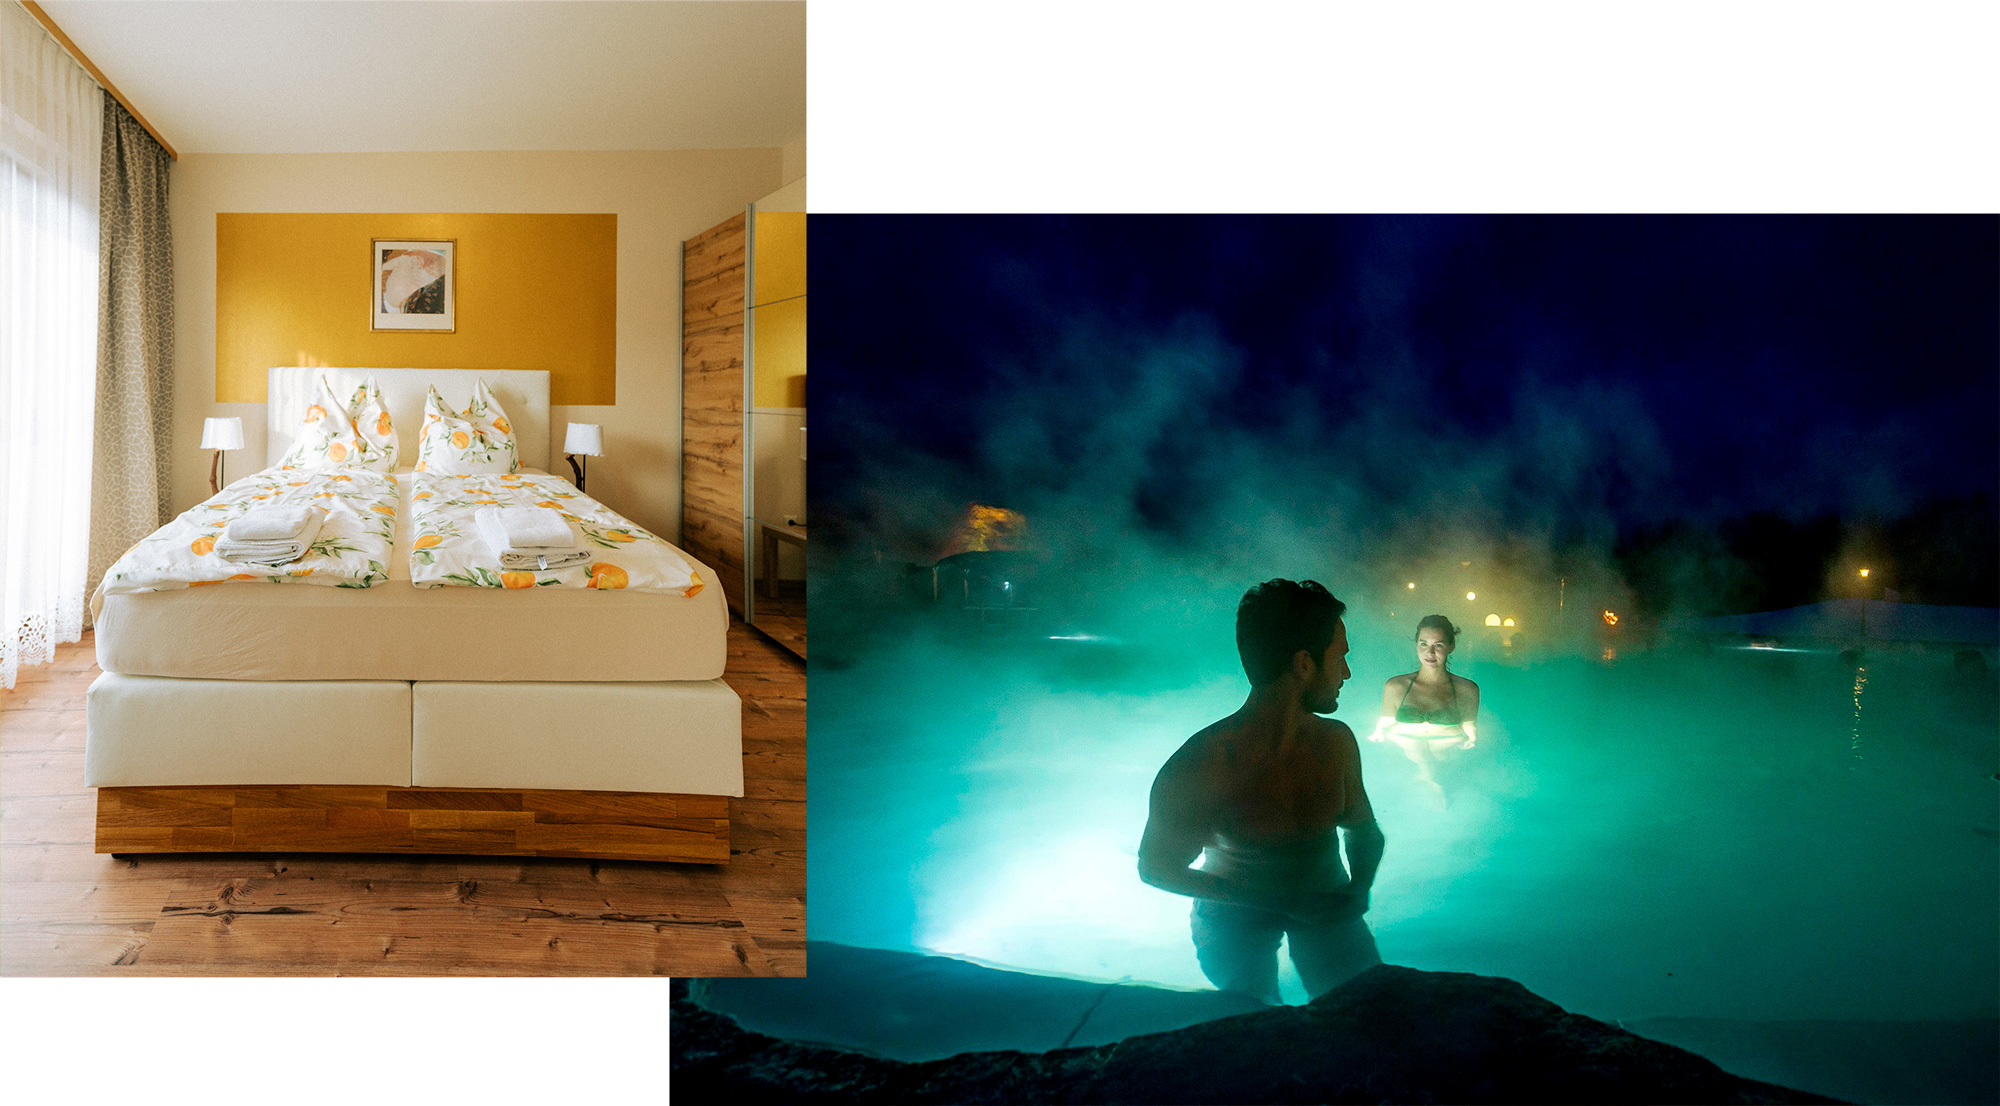 Freizeitmöglichkeiten Vulkanland Stockers Dorfhotel